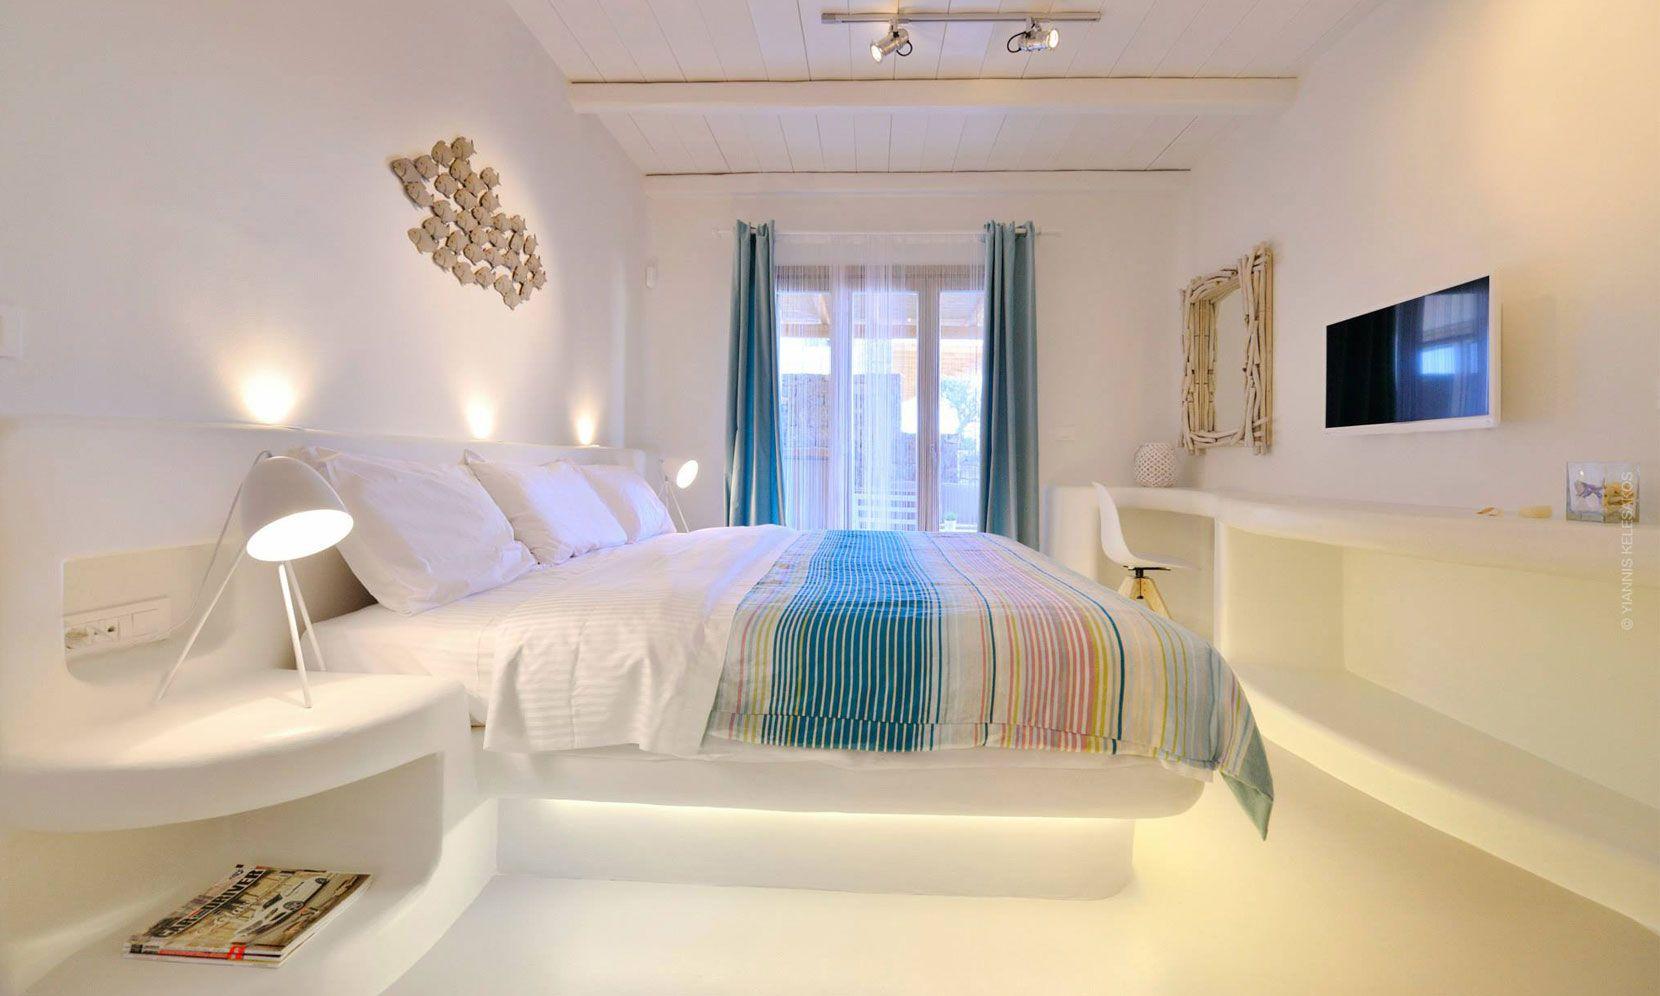 4 bedrooms mykonos